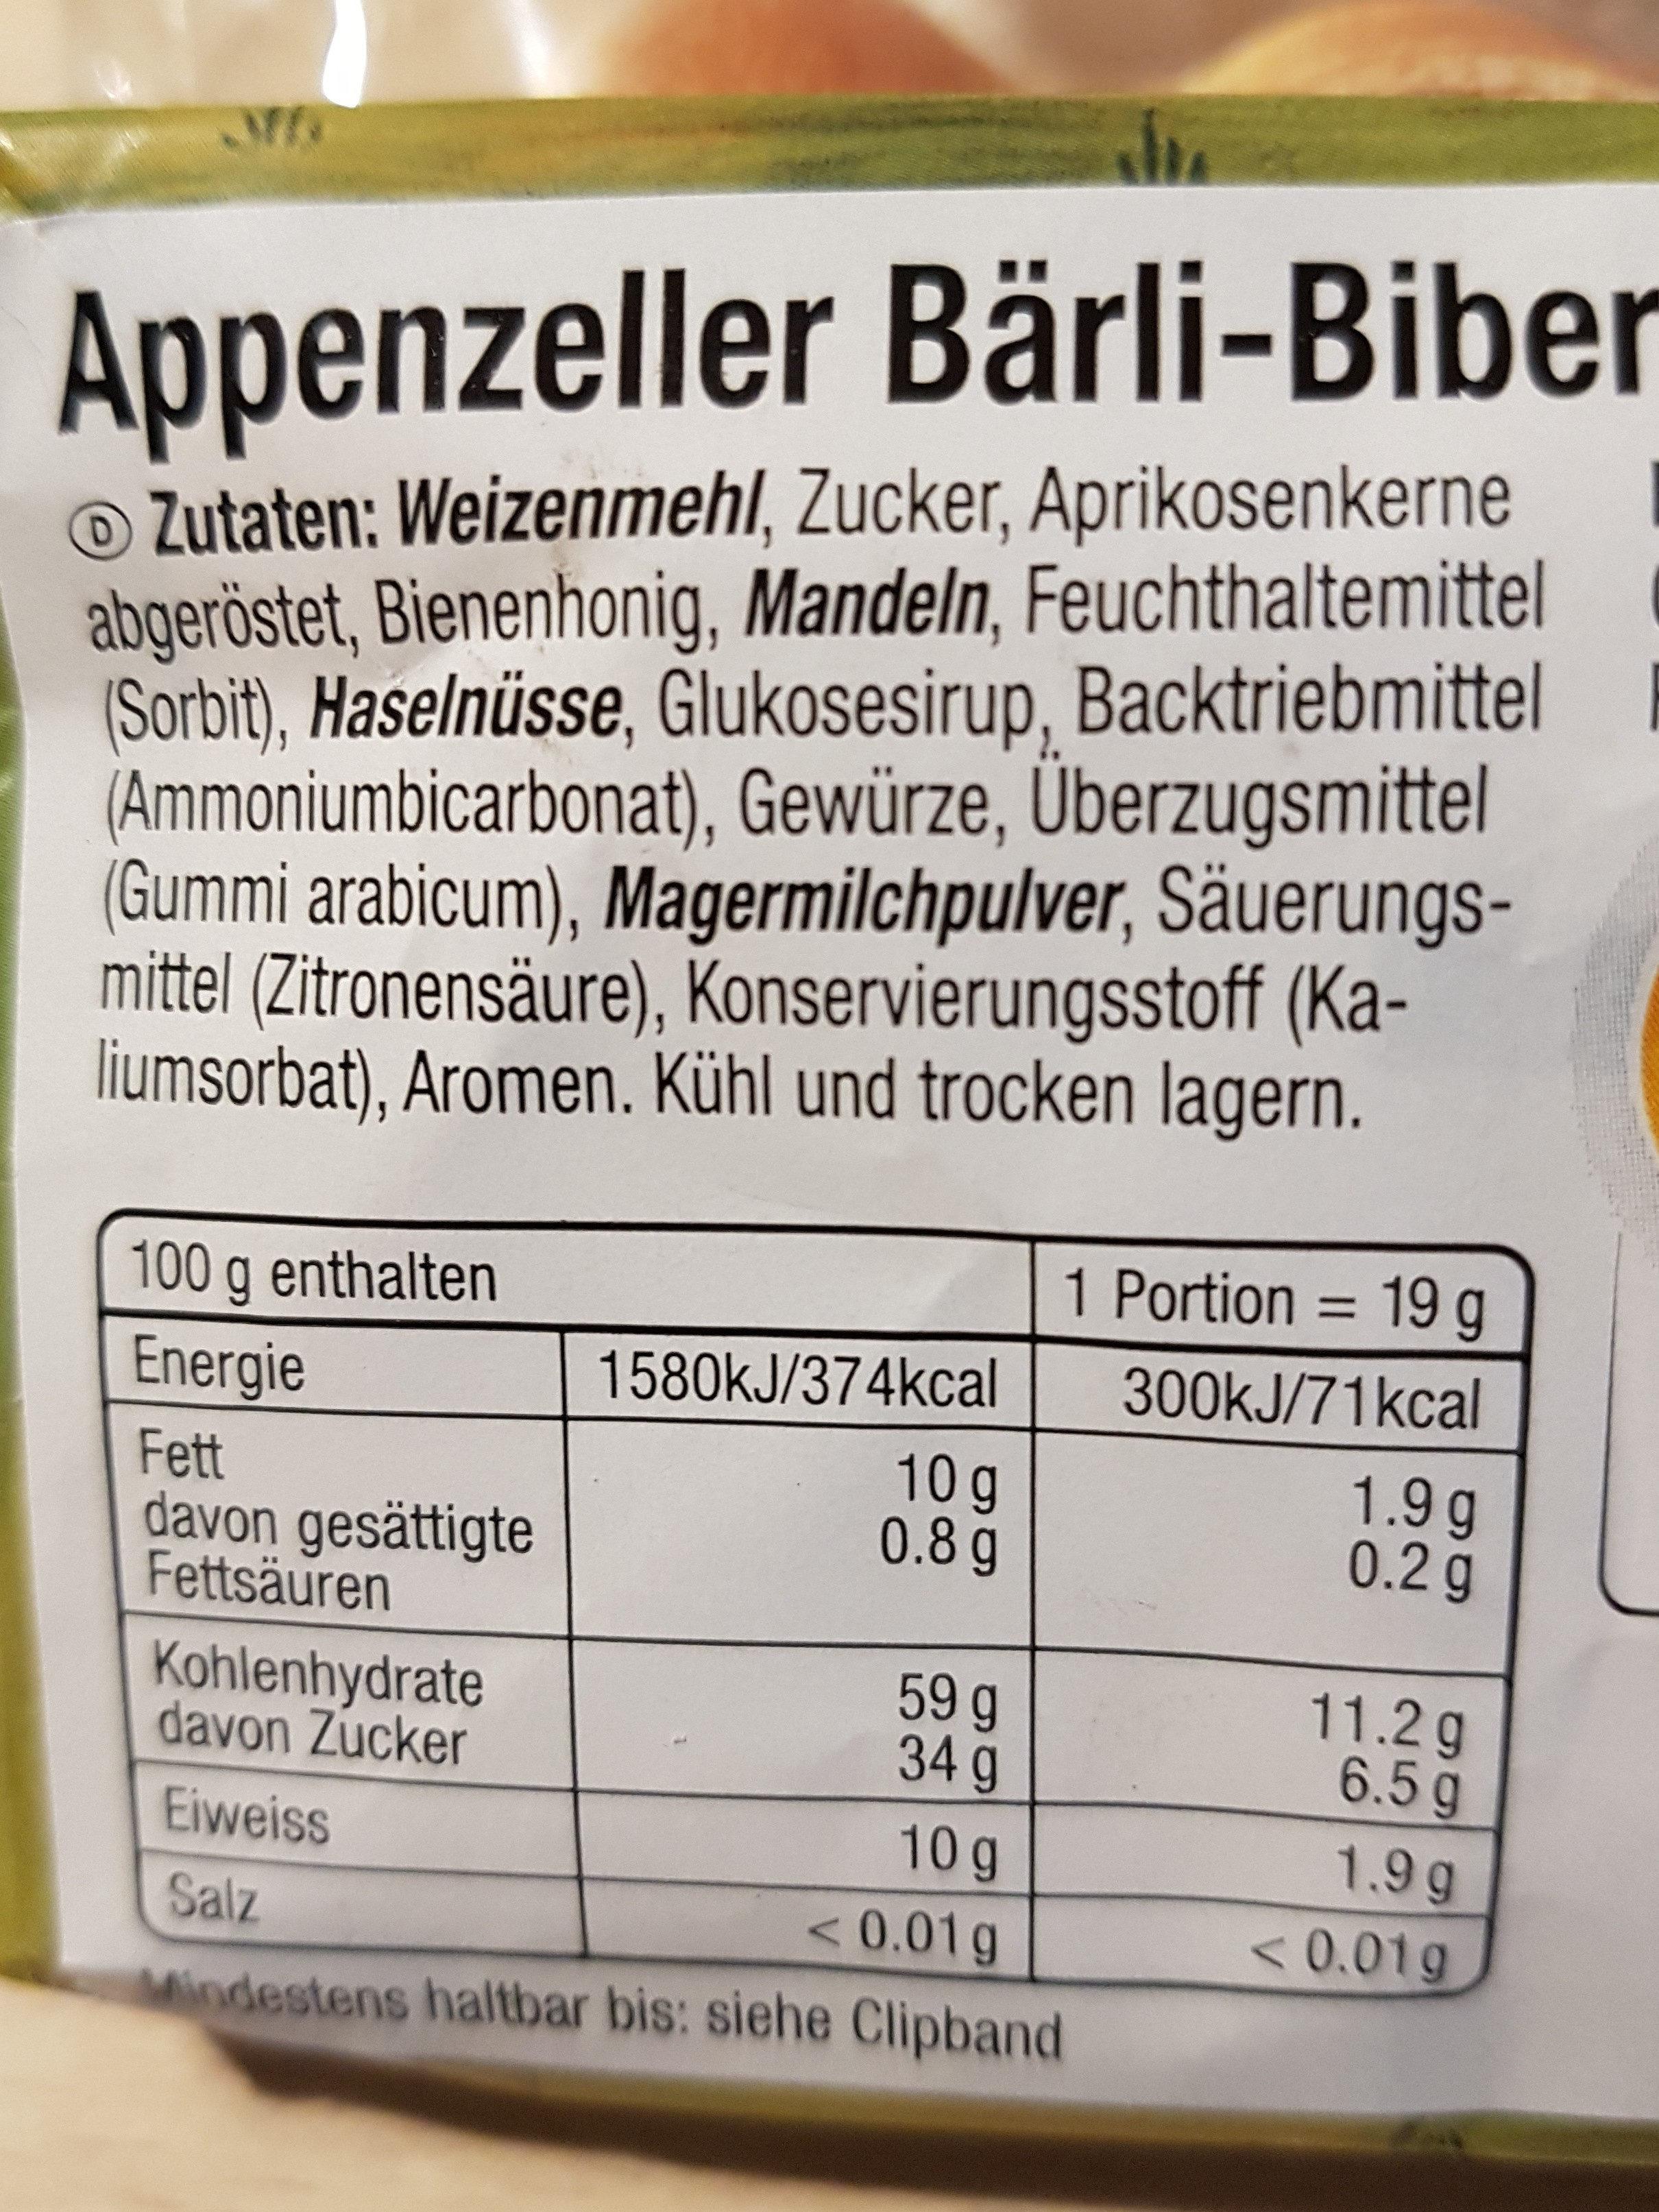 Appenzeller Baerli-Biber Minis 228 GR, 2 Sachets - Ingredienti - fr